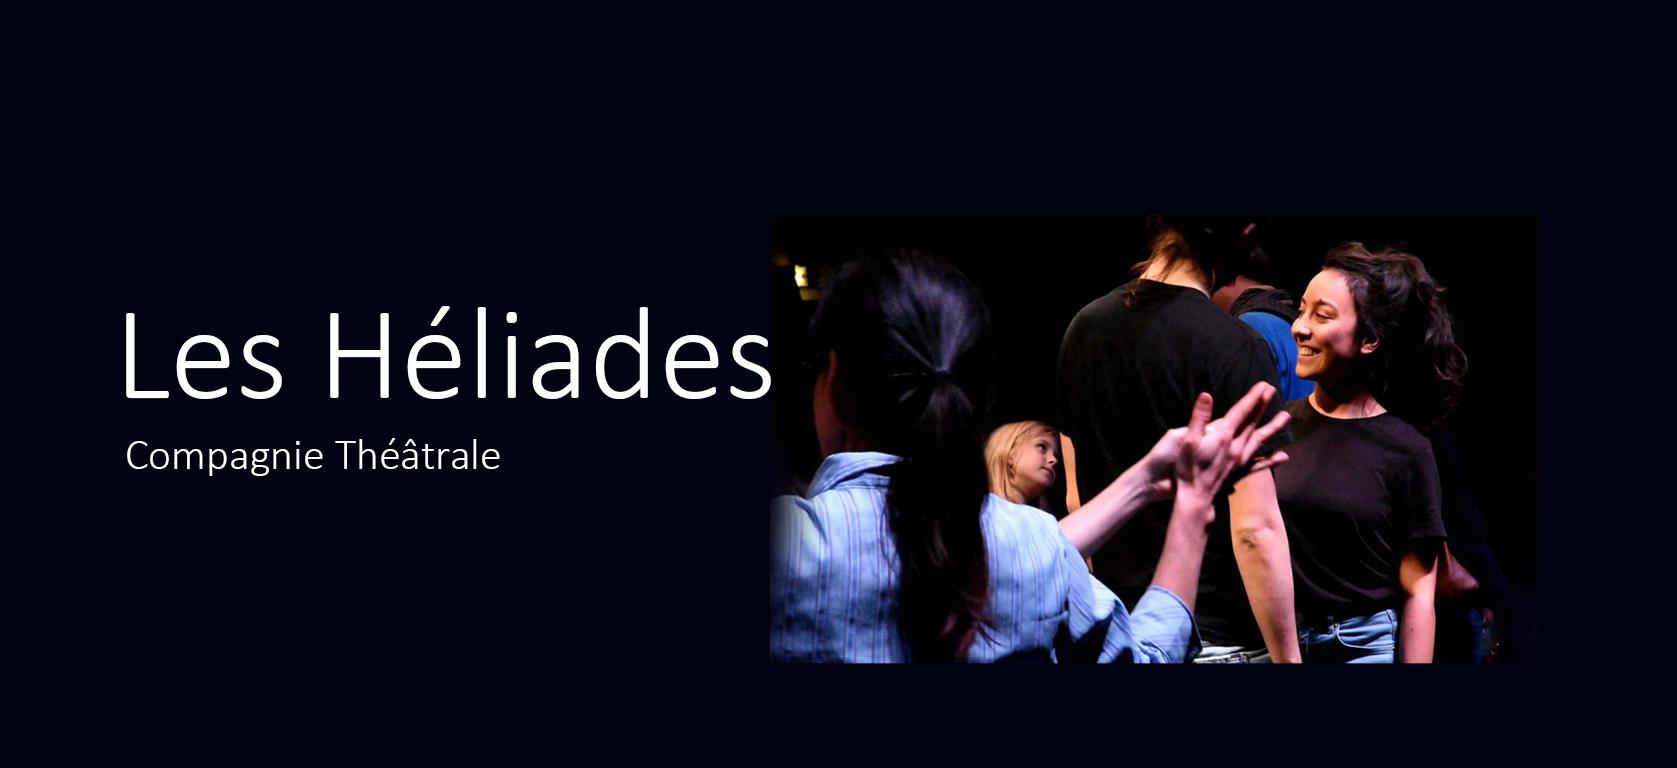 Les Héliades